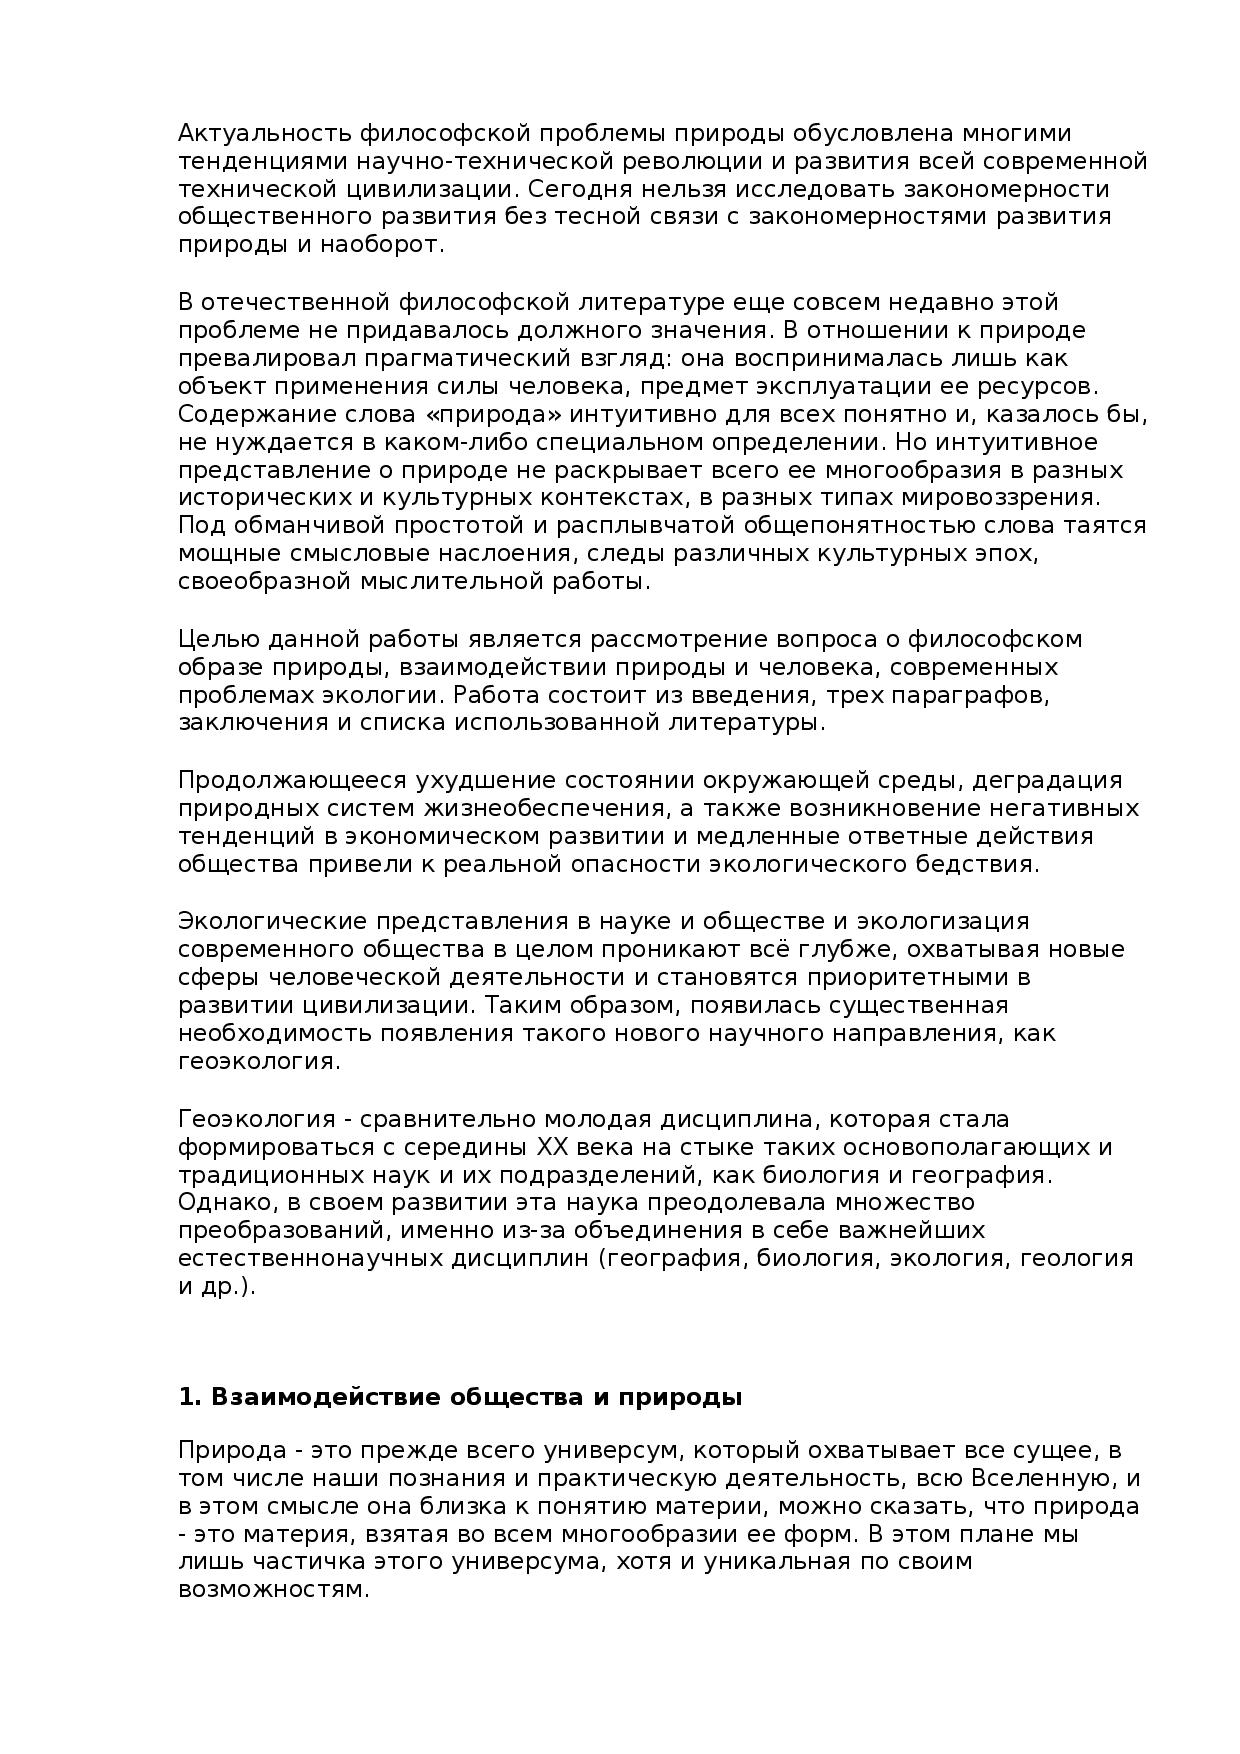 Как правильно указать сферу деятельности в резюме (с примерами)